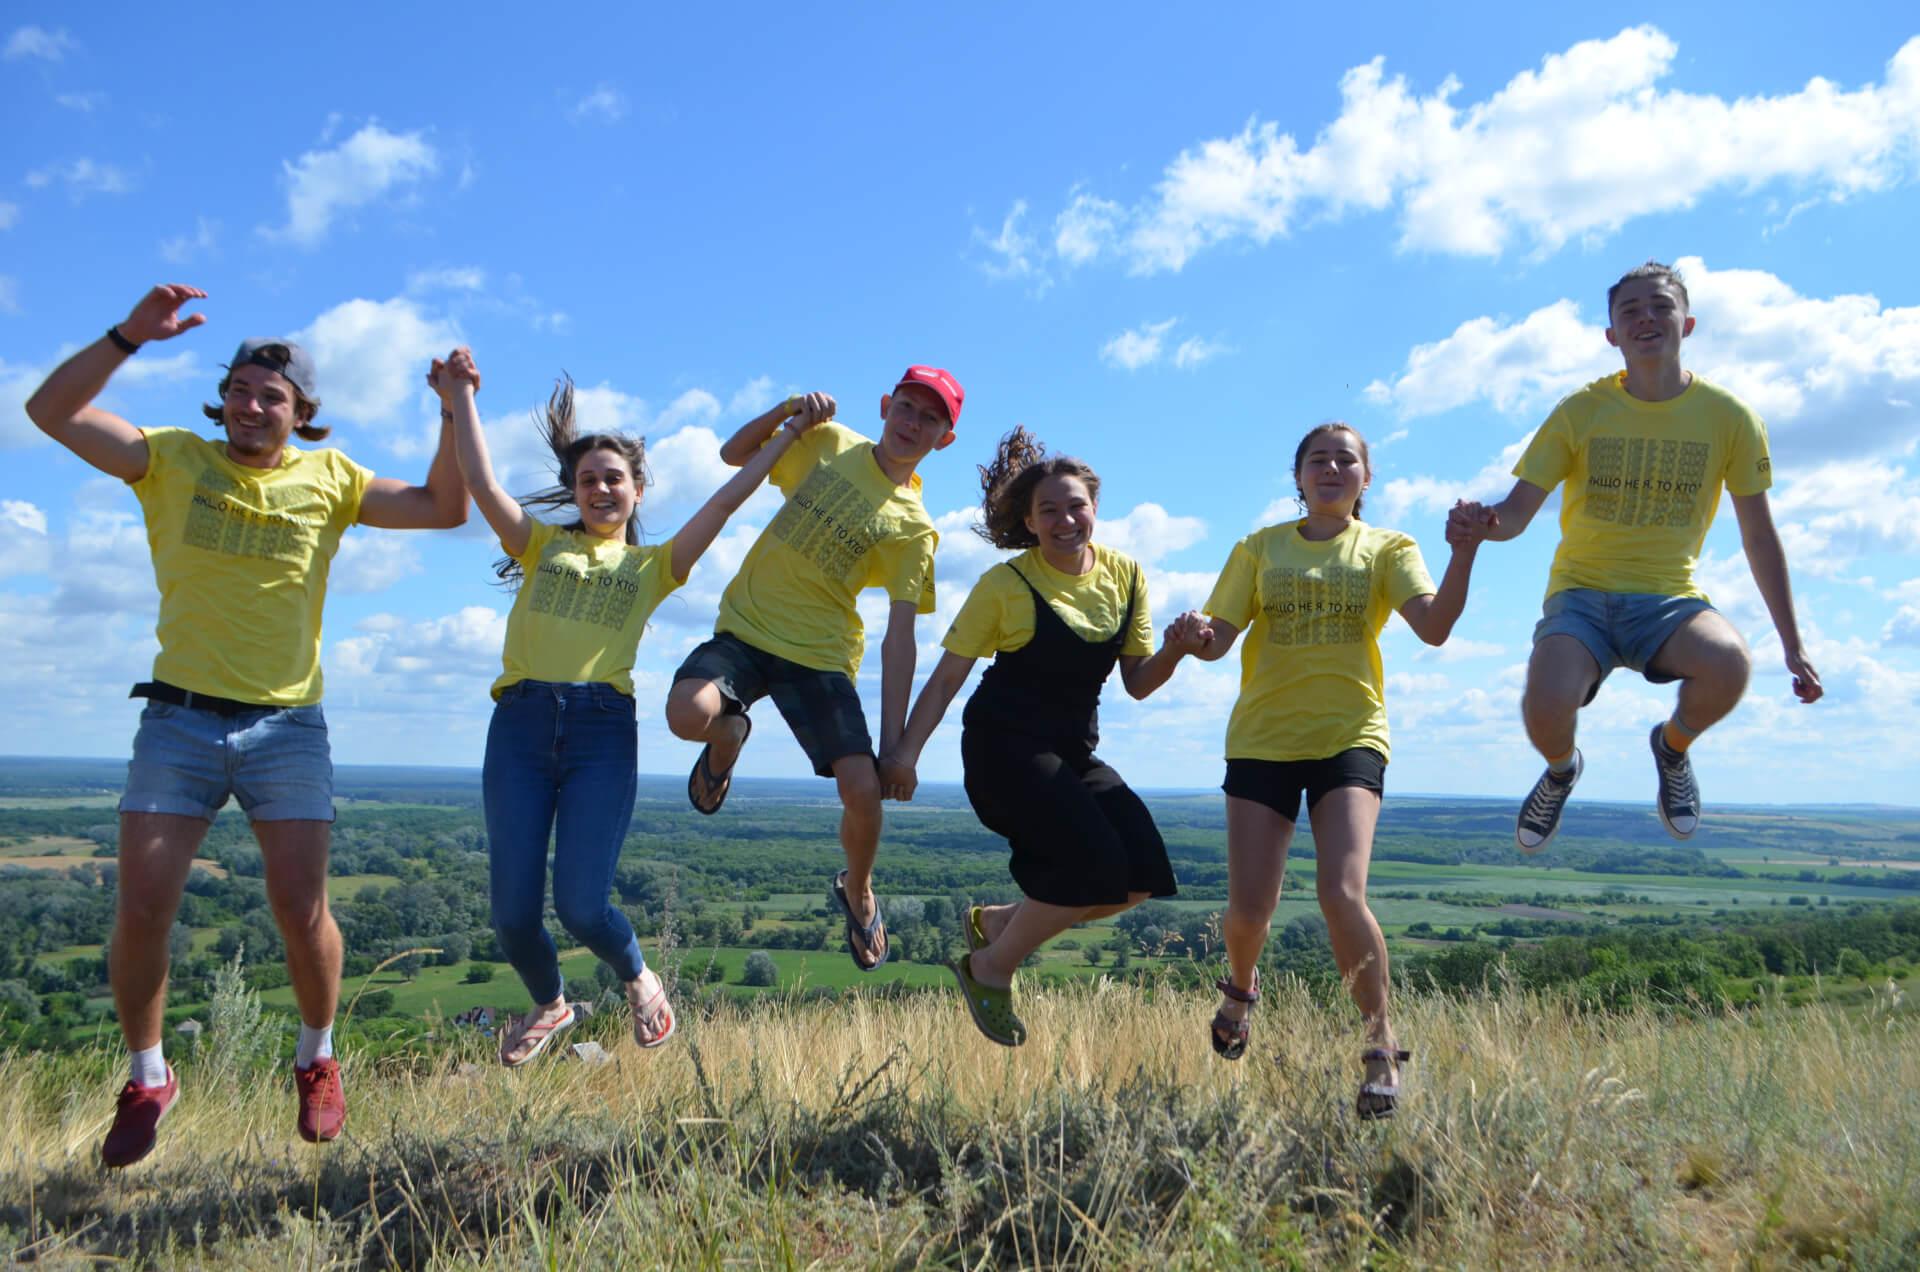 БУРне волонтерство: історія одного з найвпізнаваніших всеукраїнських рухів